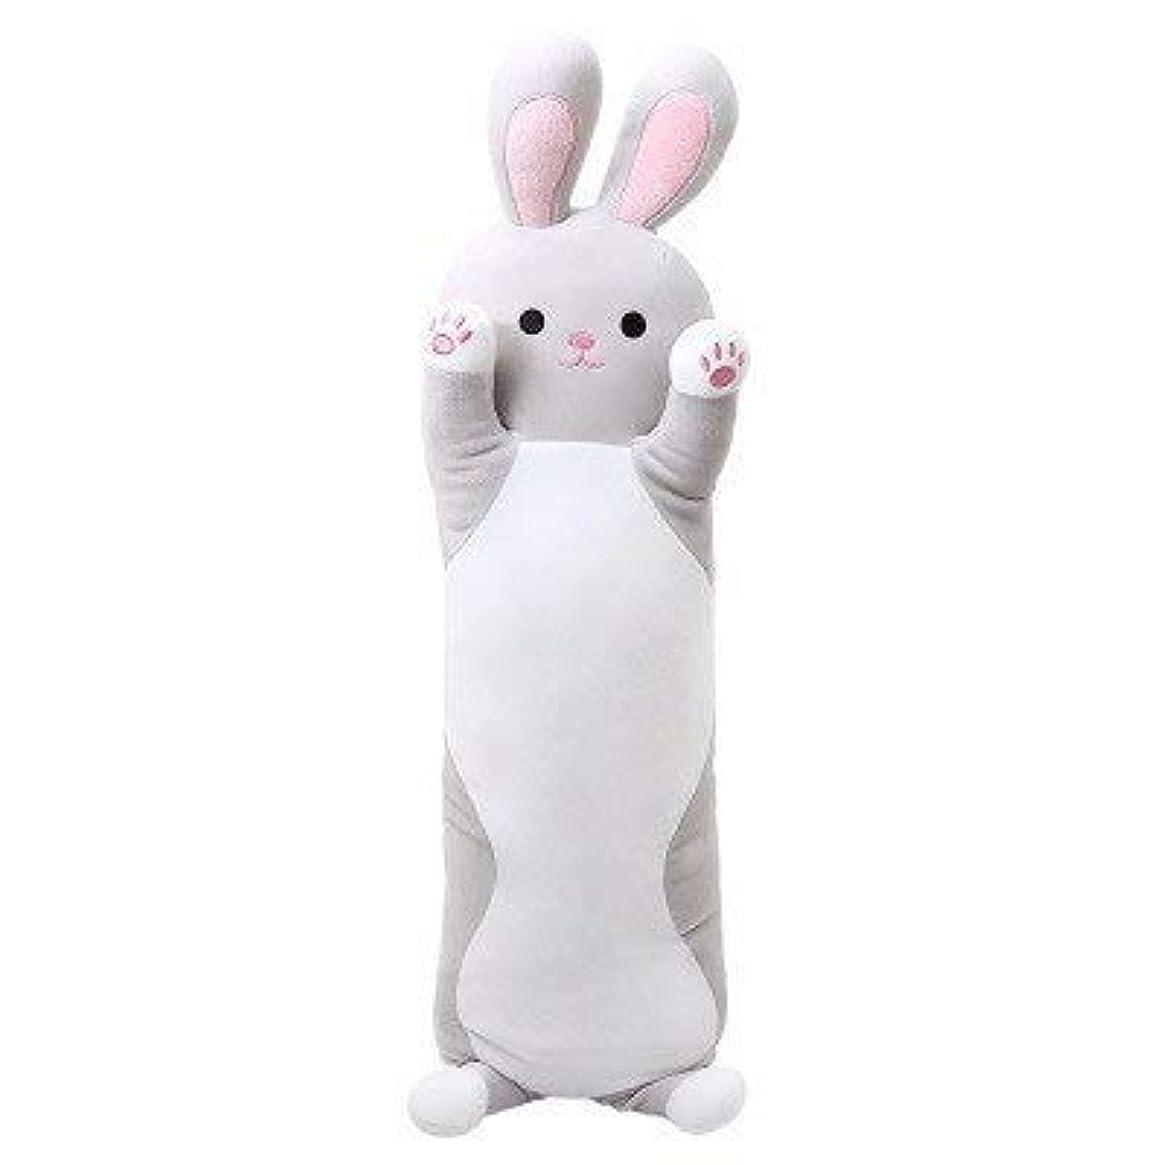 発音シード有限LIFE センチメートルウサギのぬいぐるみロング睡眠枕を送信するために女の子 Almofada クッション床 Coussin Cojines 装飾 Overwatch クッション 椅子